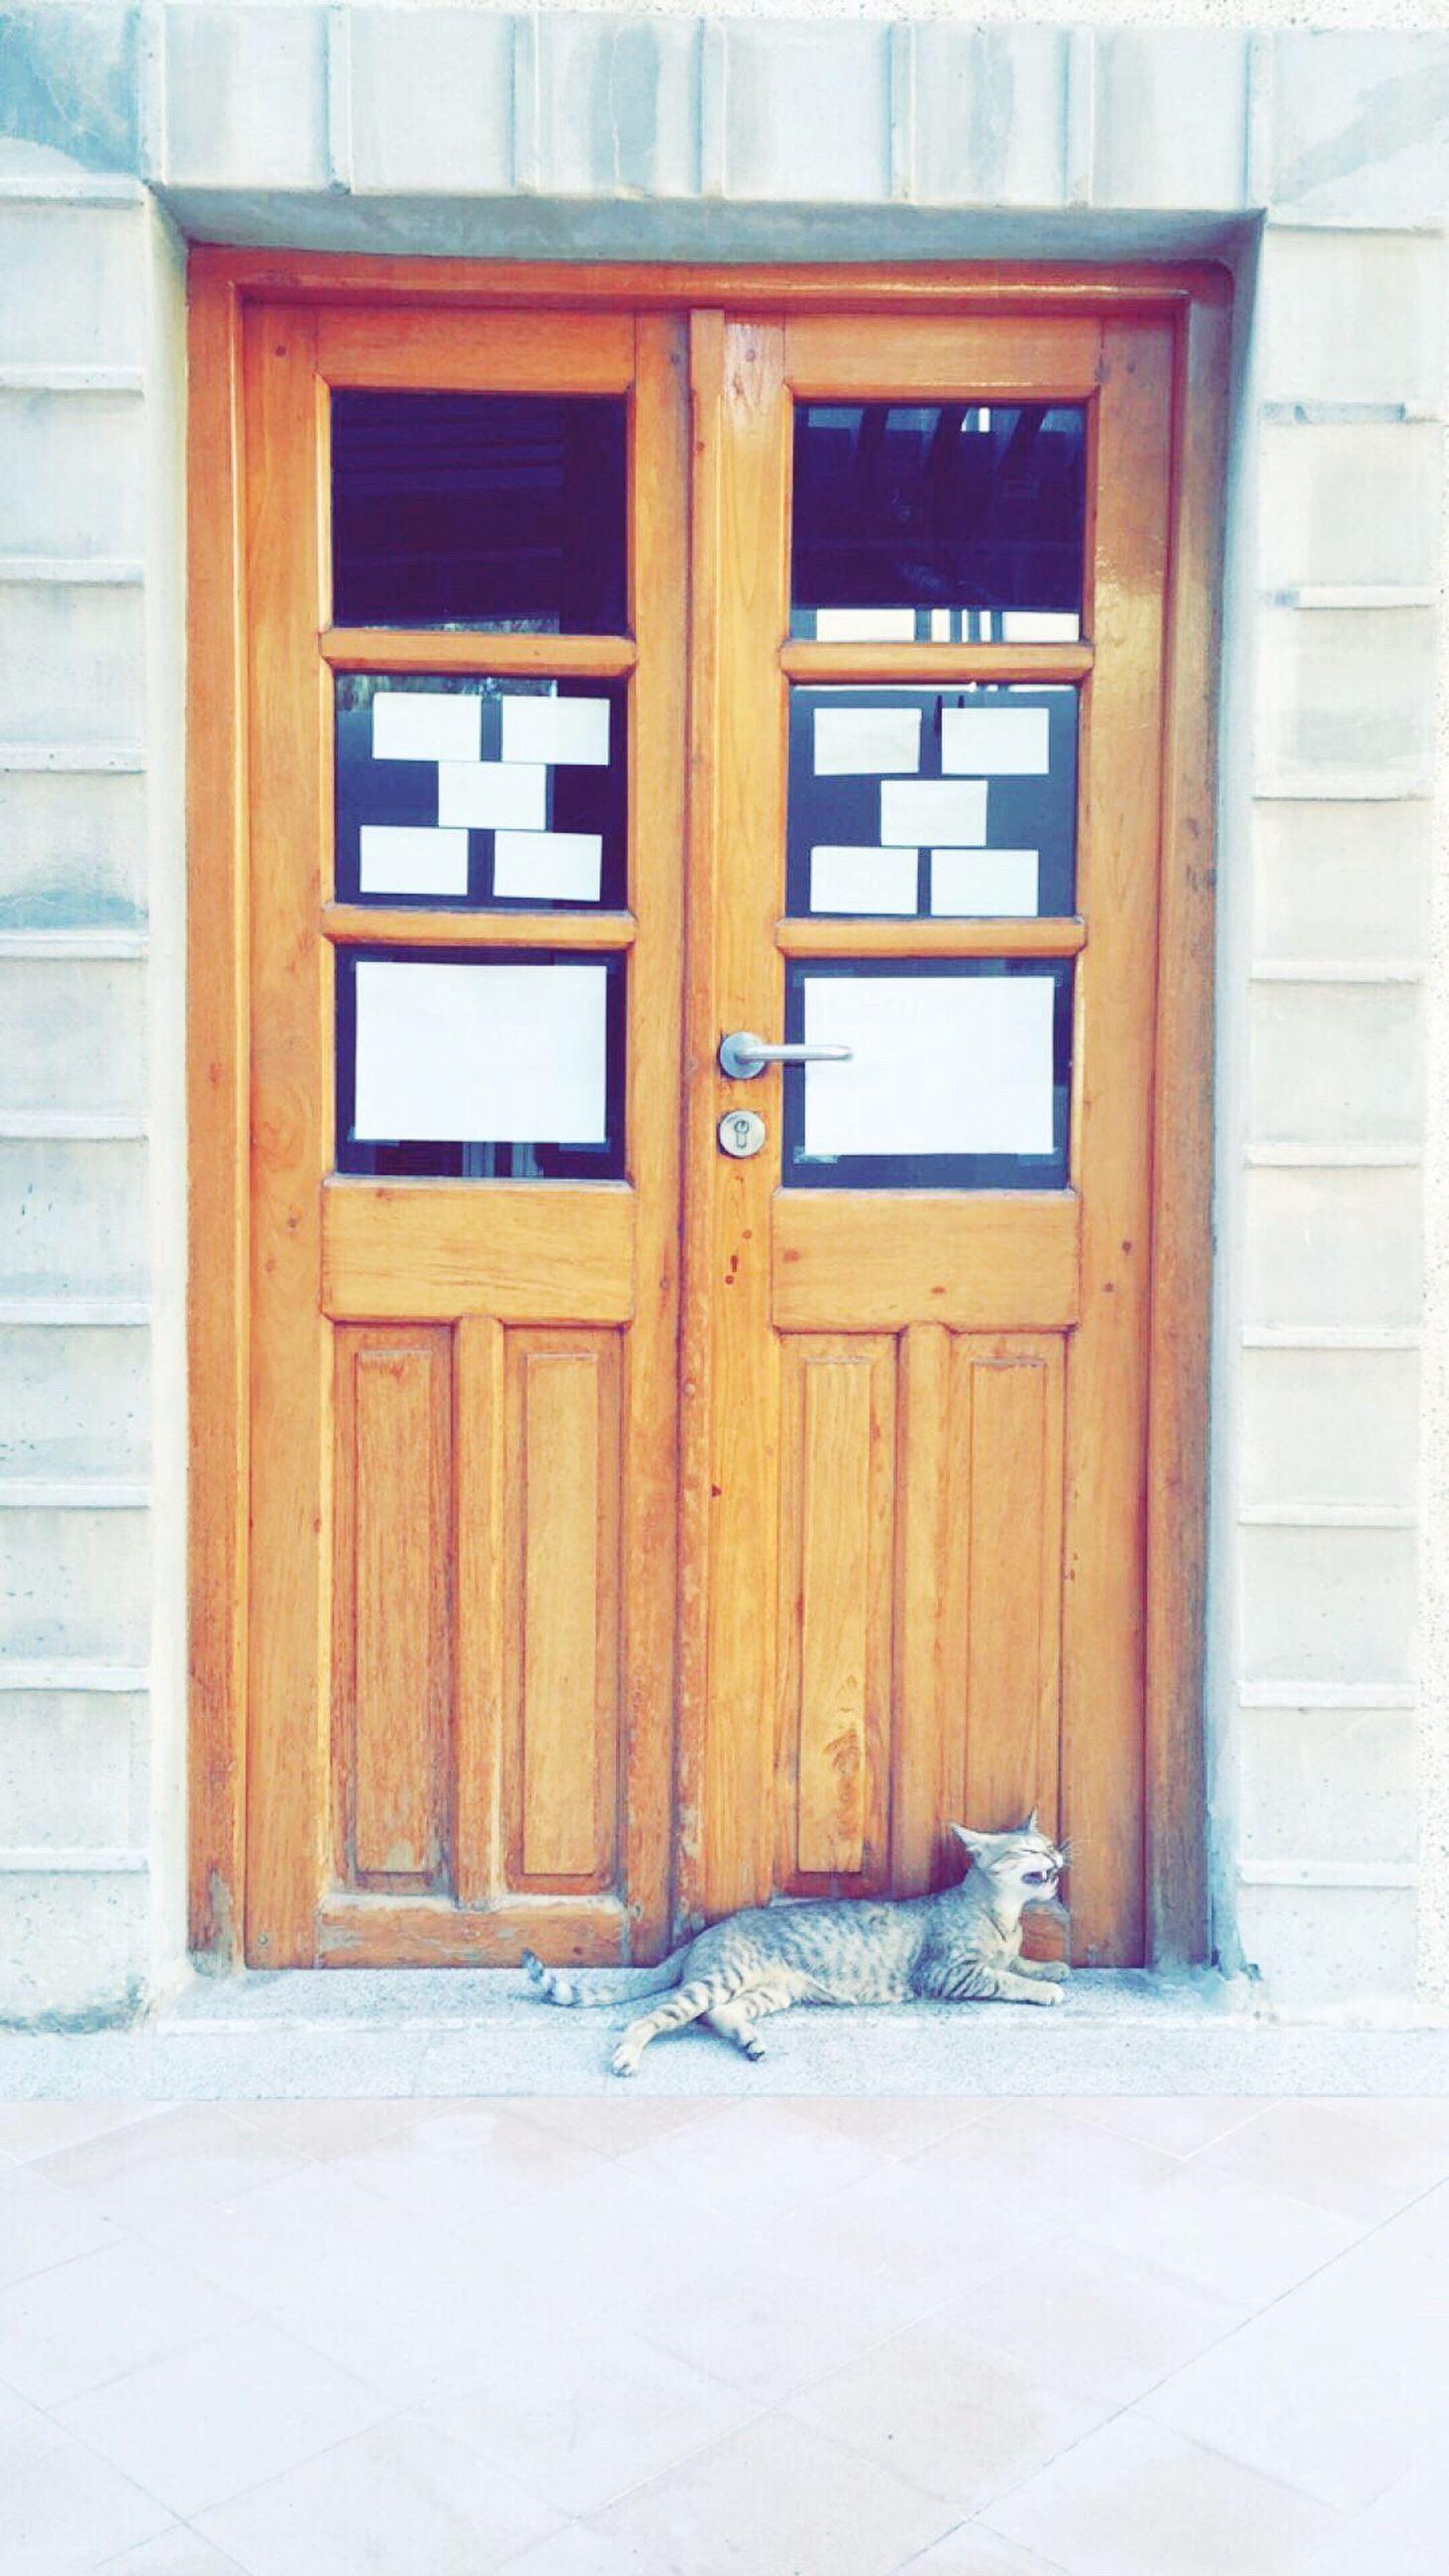 door, day, window, architecture, no people, built structure, building exterior, wood - material, outdoors, doorway, open door, mammal